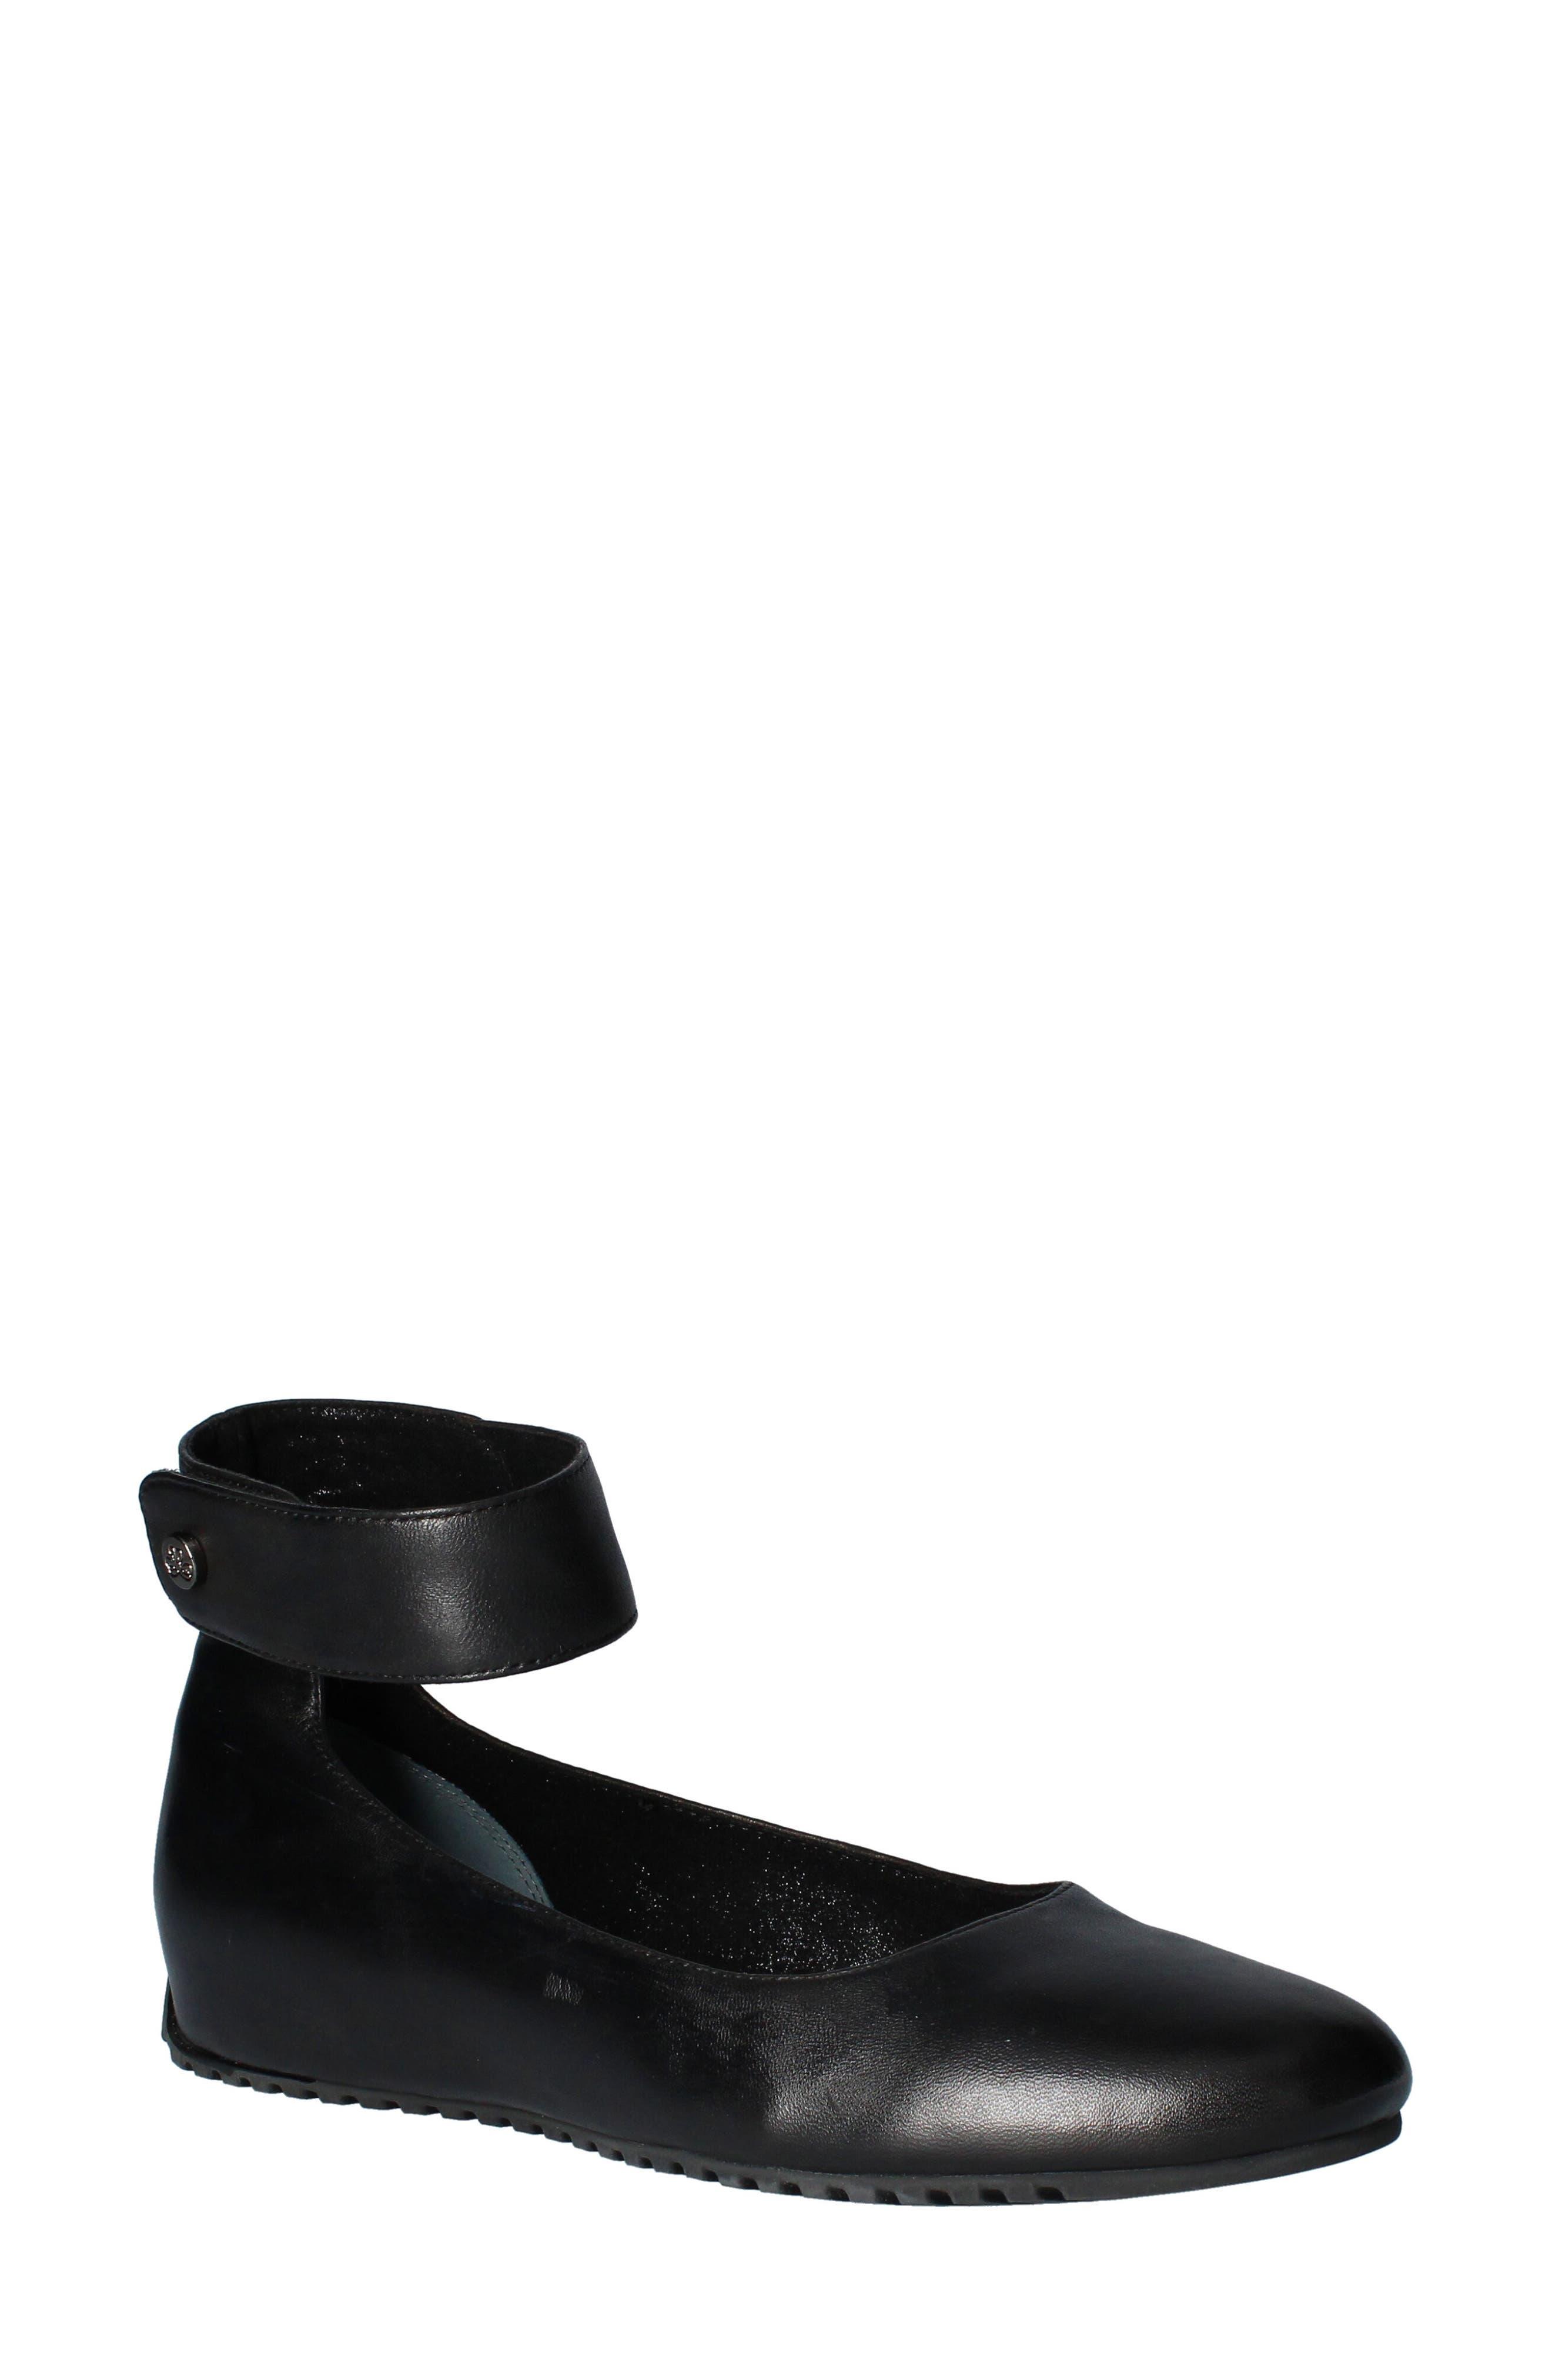 Women's J.renee Tarlow Ankle Strap Ballet Flat